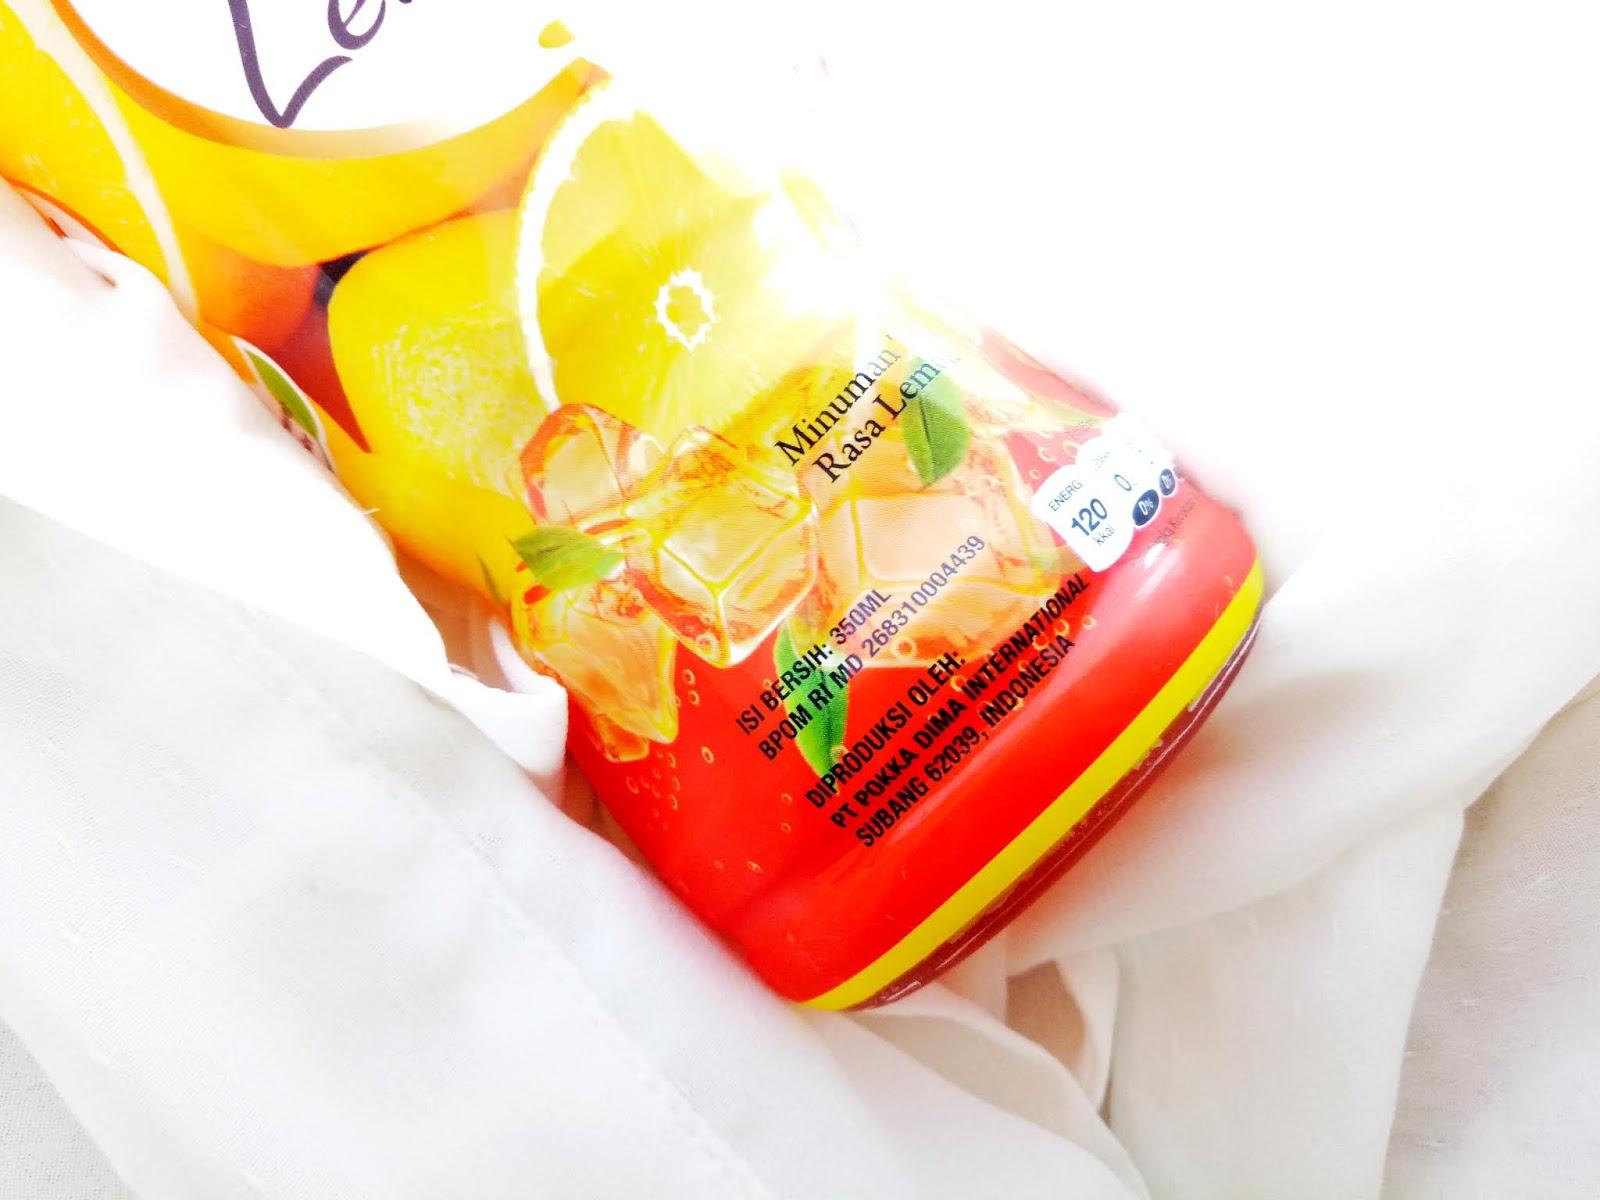 Pokka Teh Lemon